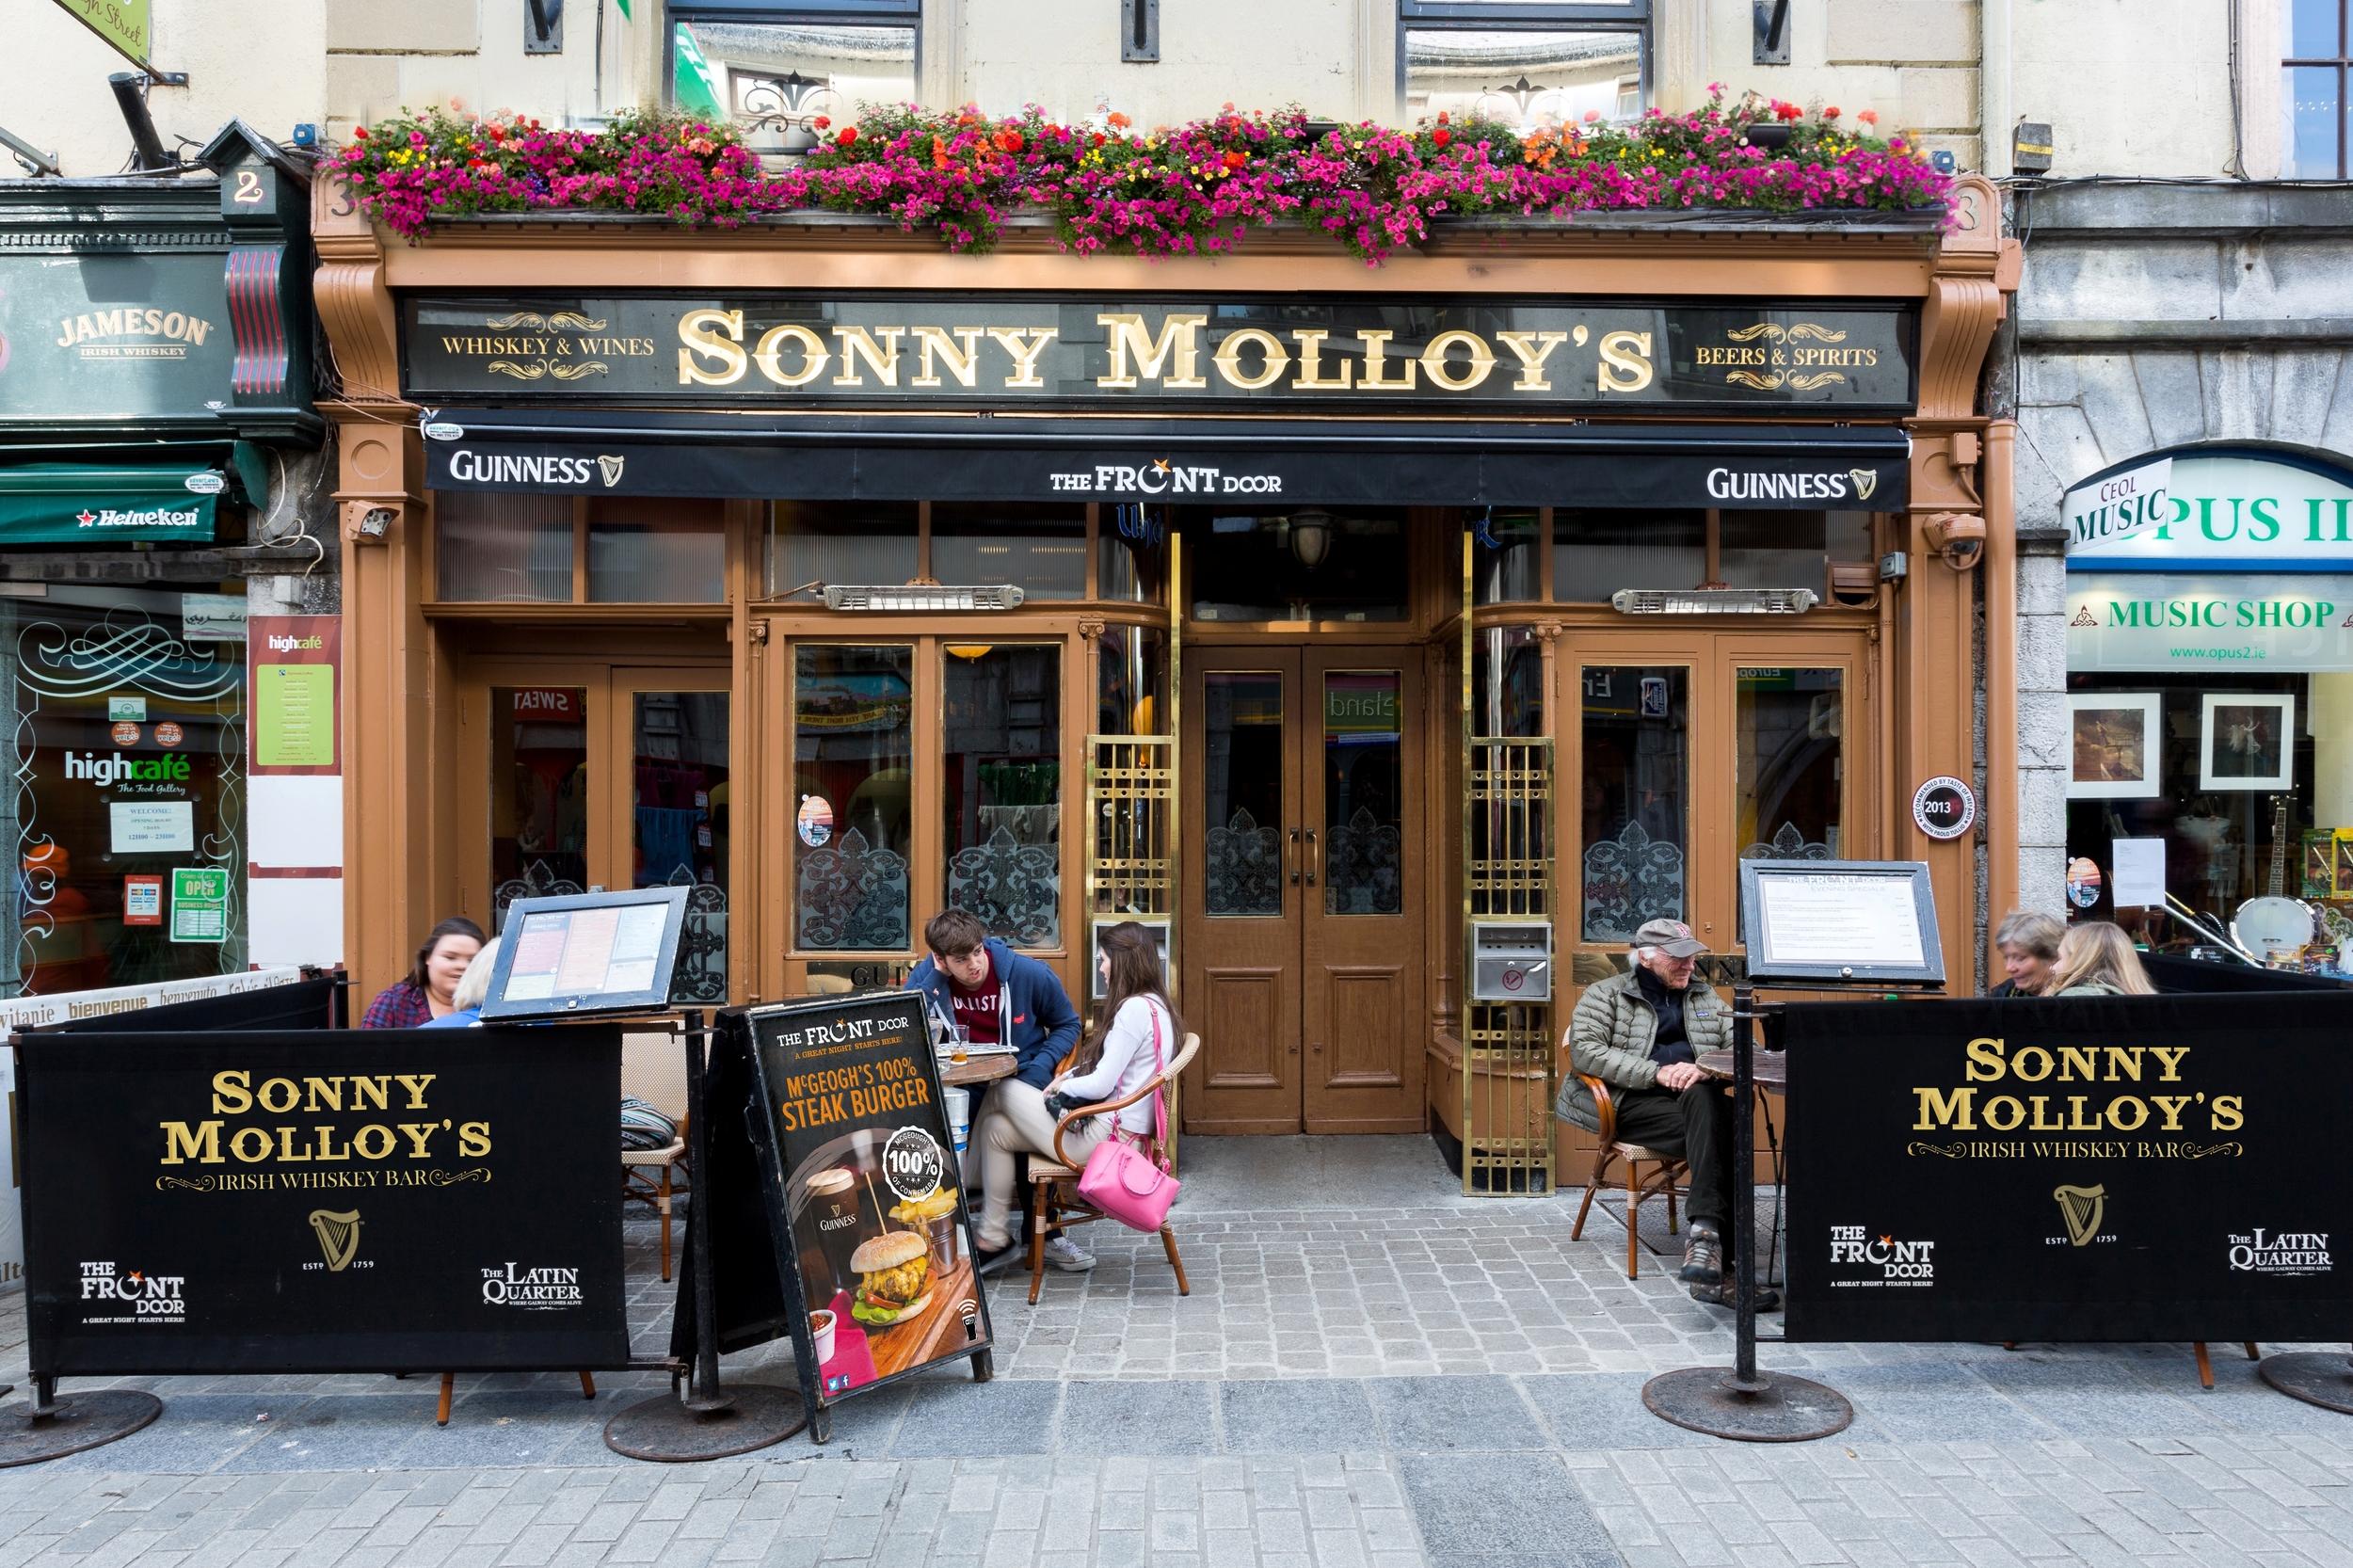 Sonny Molloy Exterior.jpg